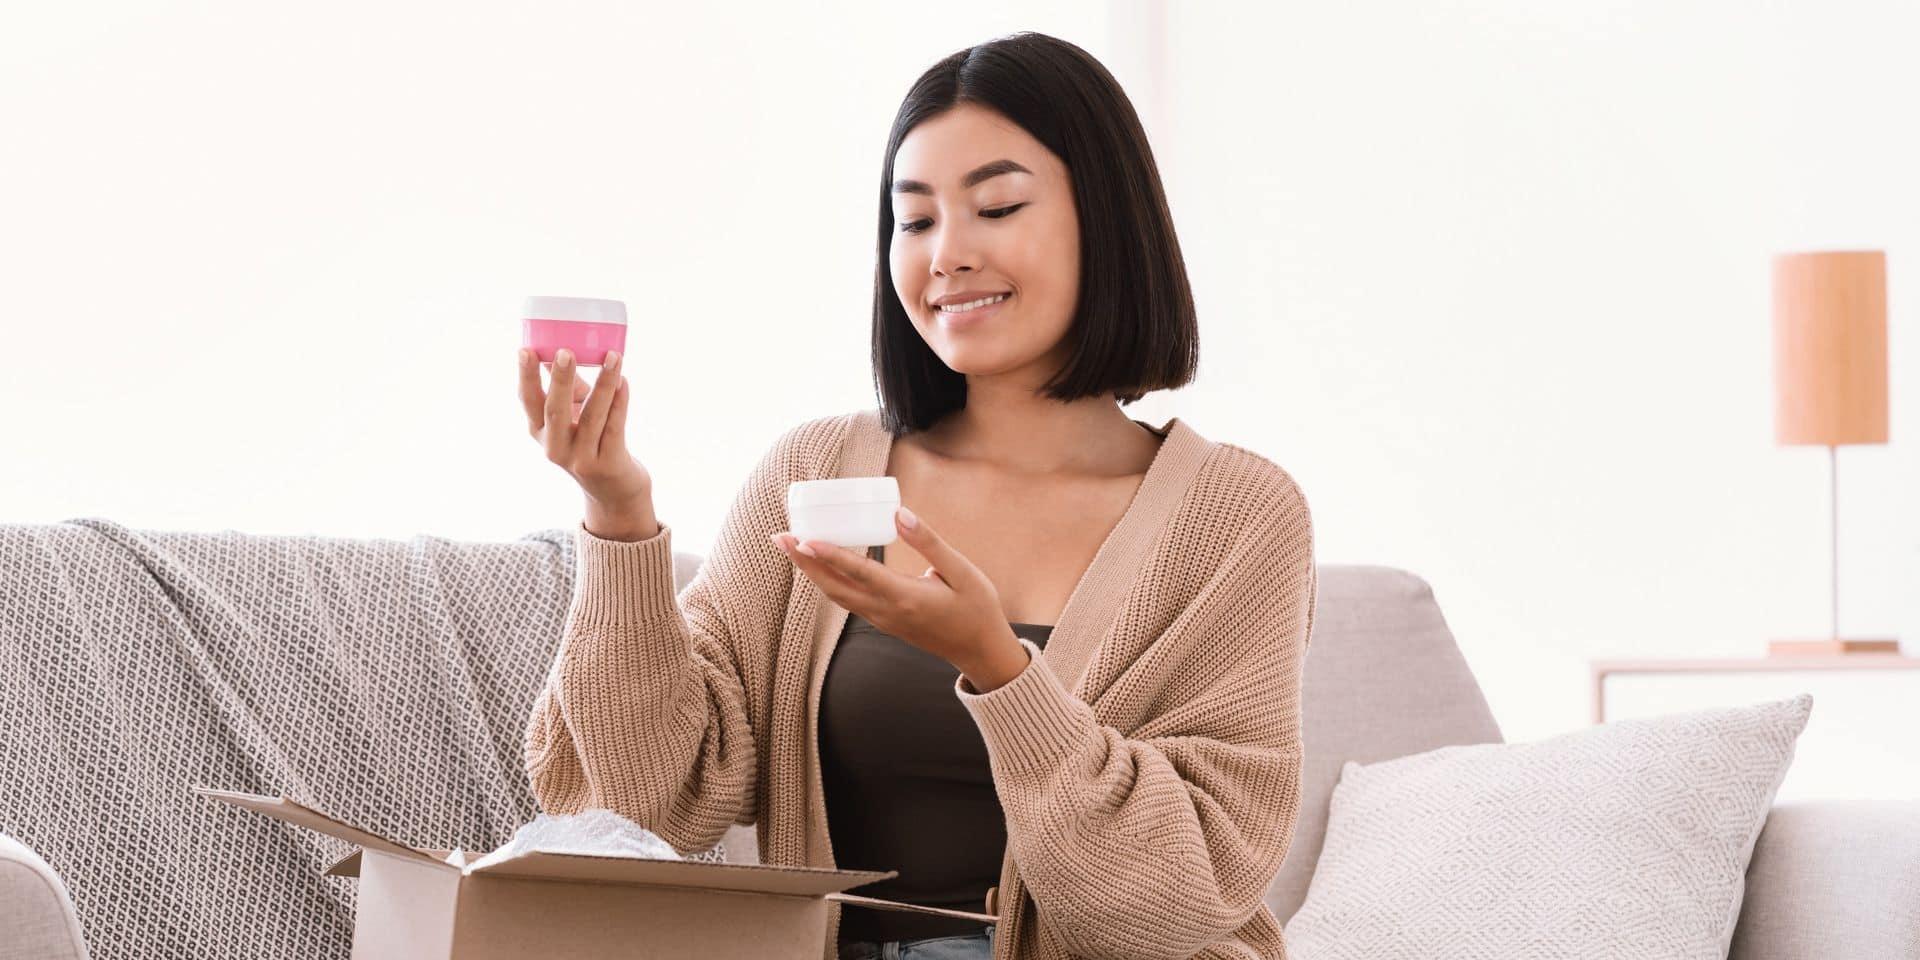 Les abonnés à une box vivent une même expérience de consommation, ce qui est encore plus vrai dans certains secteurs comme la beauté où les réseaux sociaux et les influenceurs interviennent.